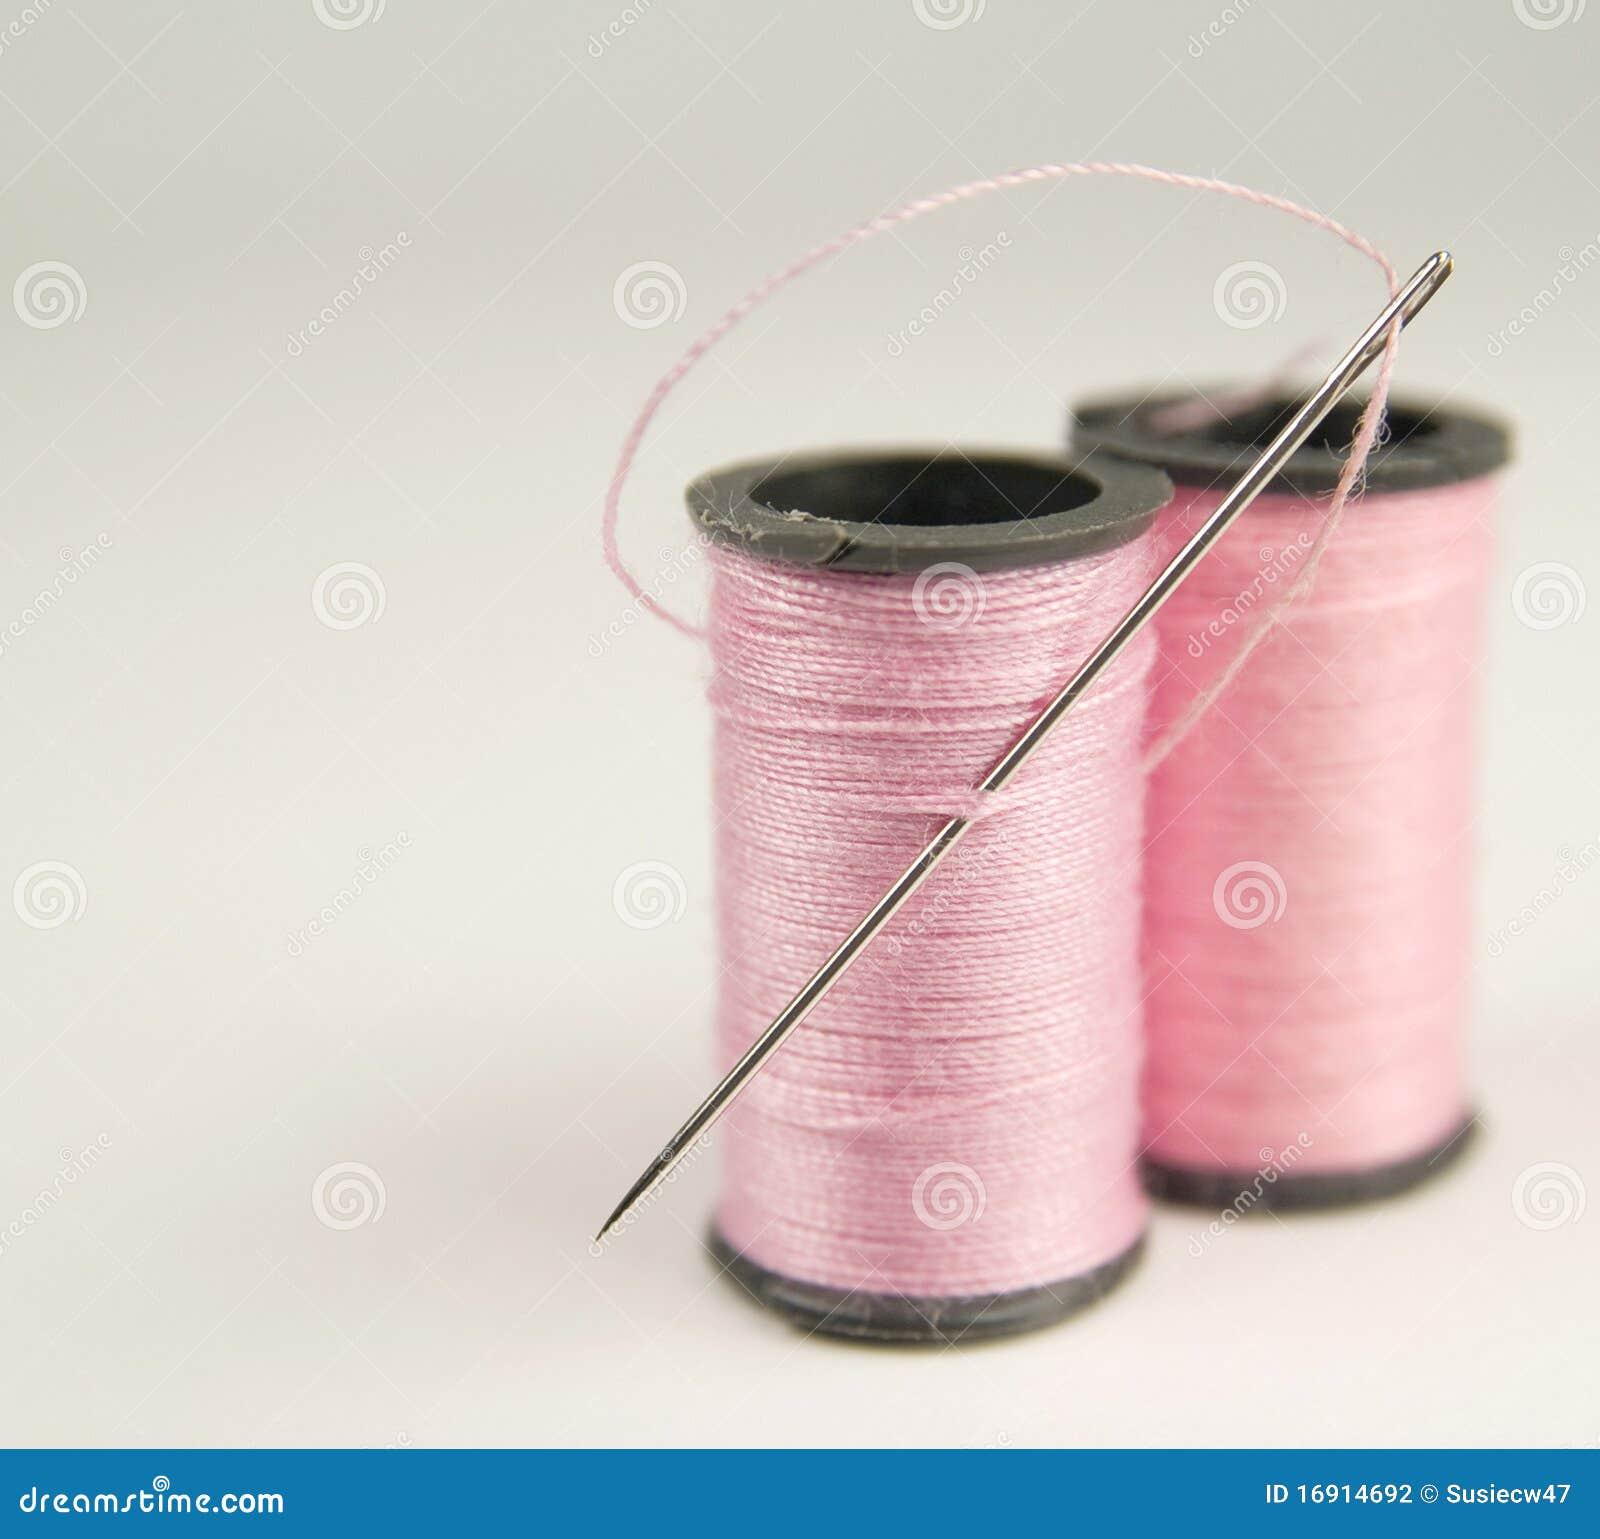 катышкы иглы розовые продевают нитку 2